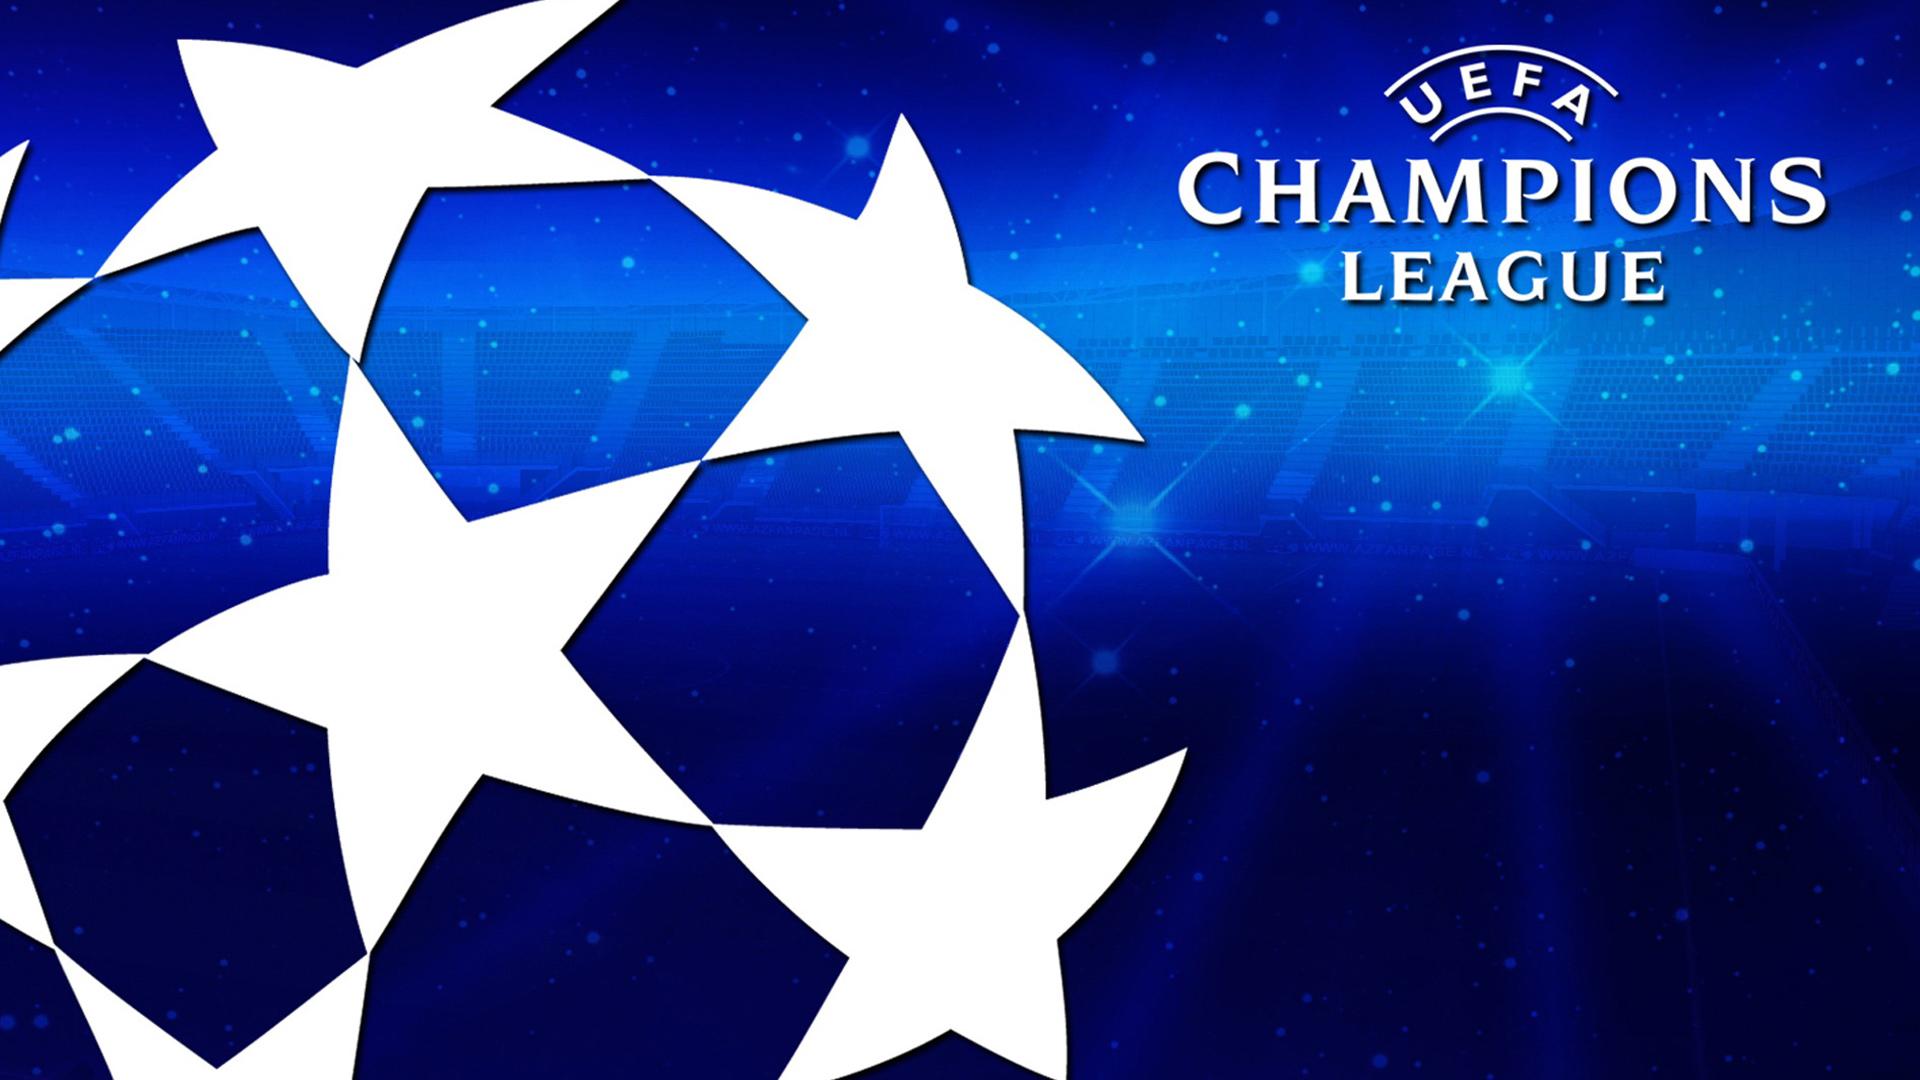 Лига чемпионов картинки скачать